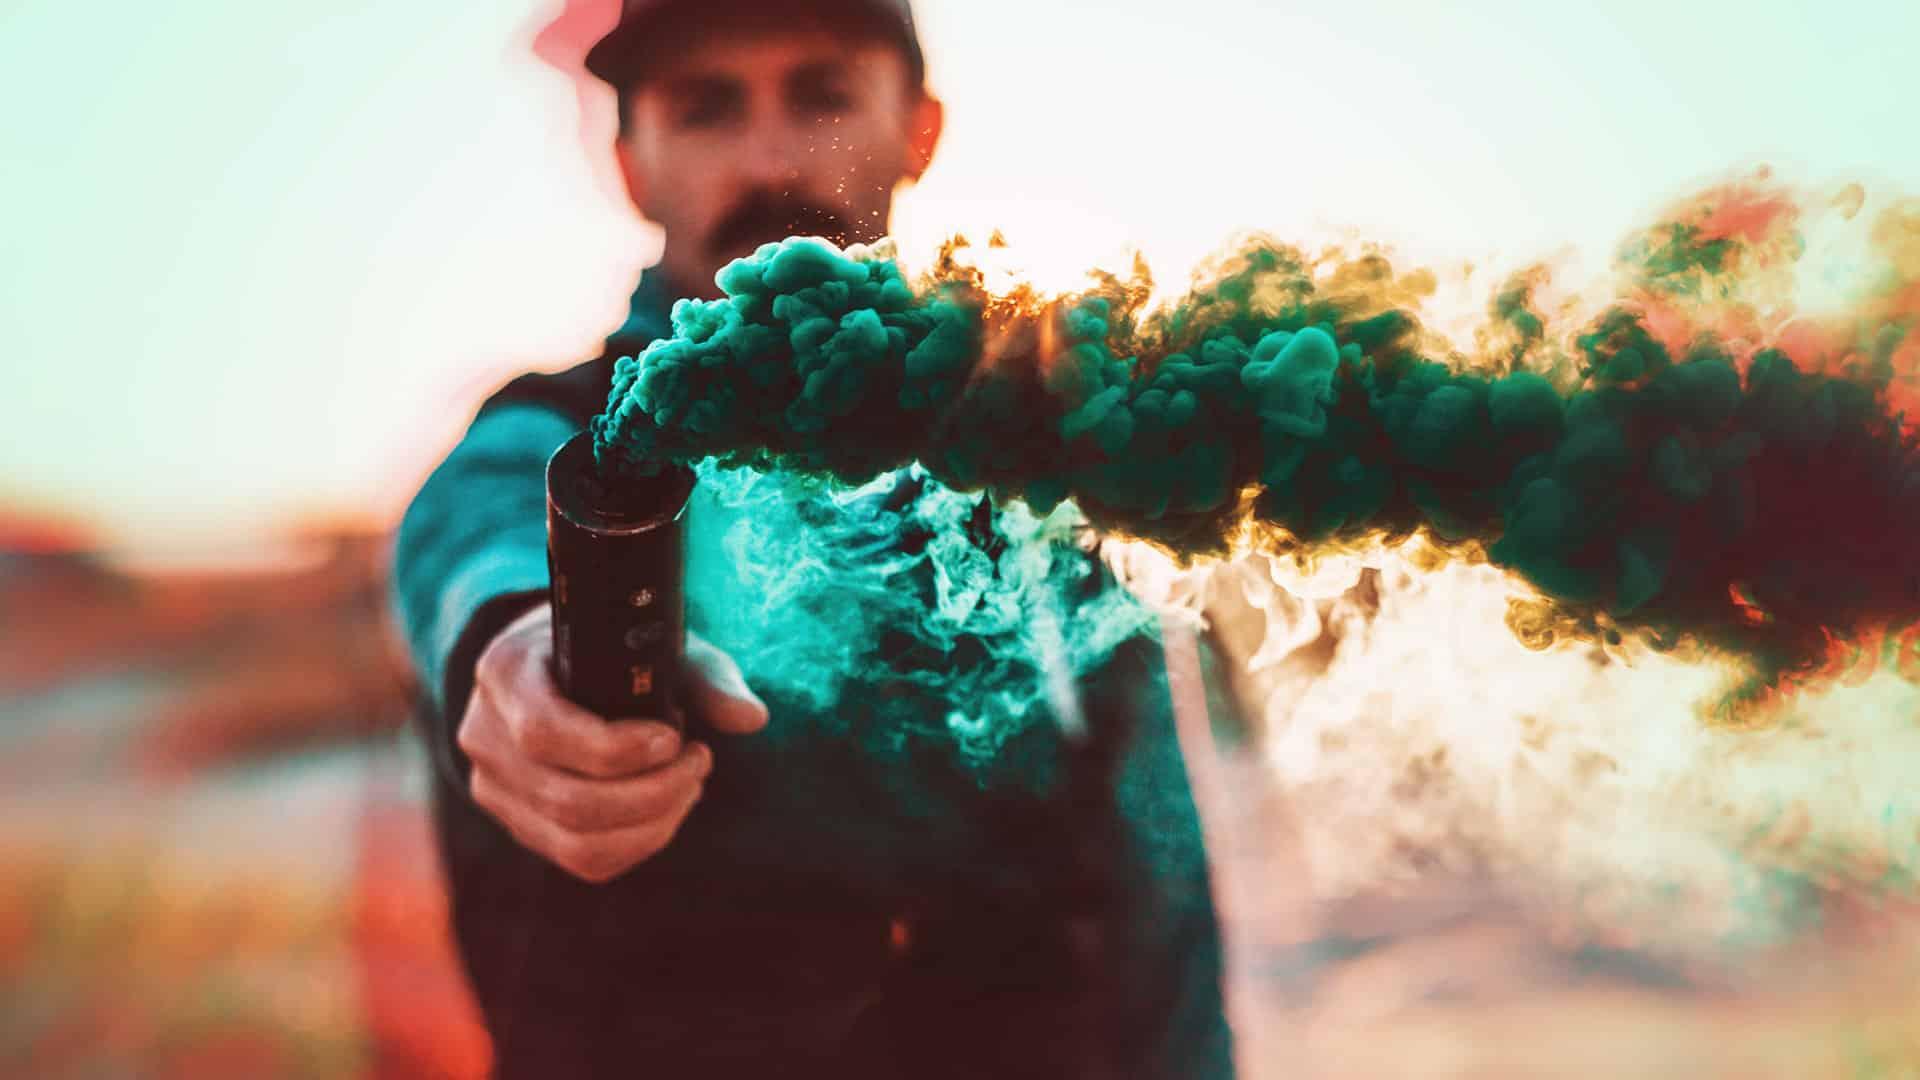 homme qui tient un fumigène dans la main avec de la fumée